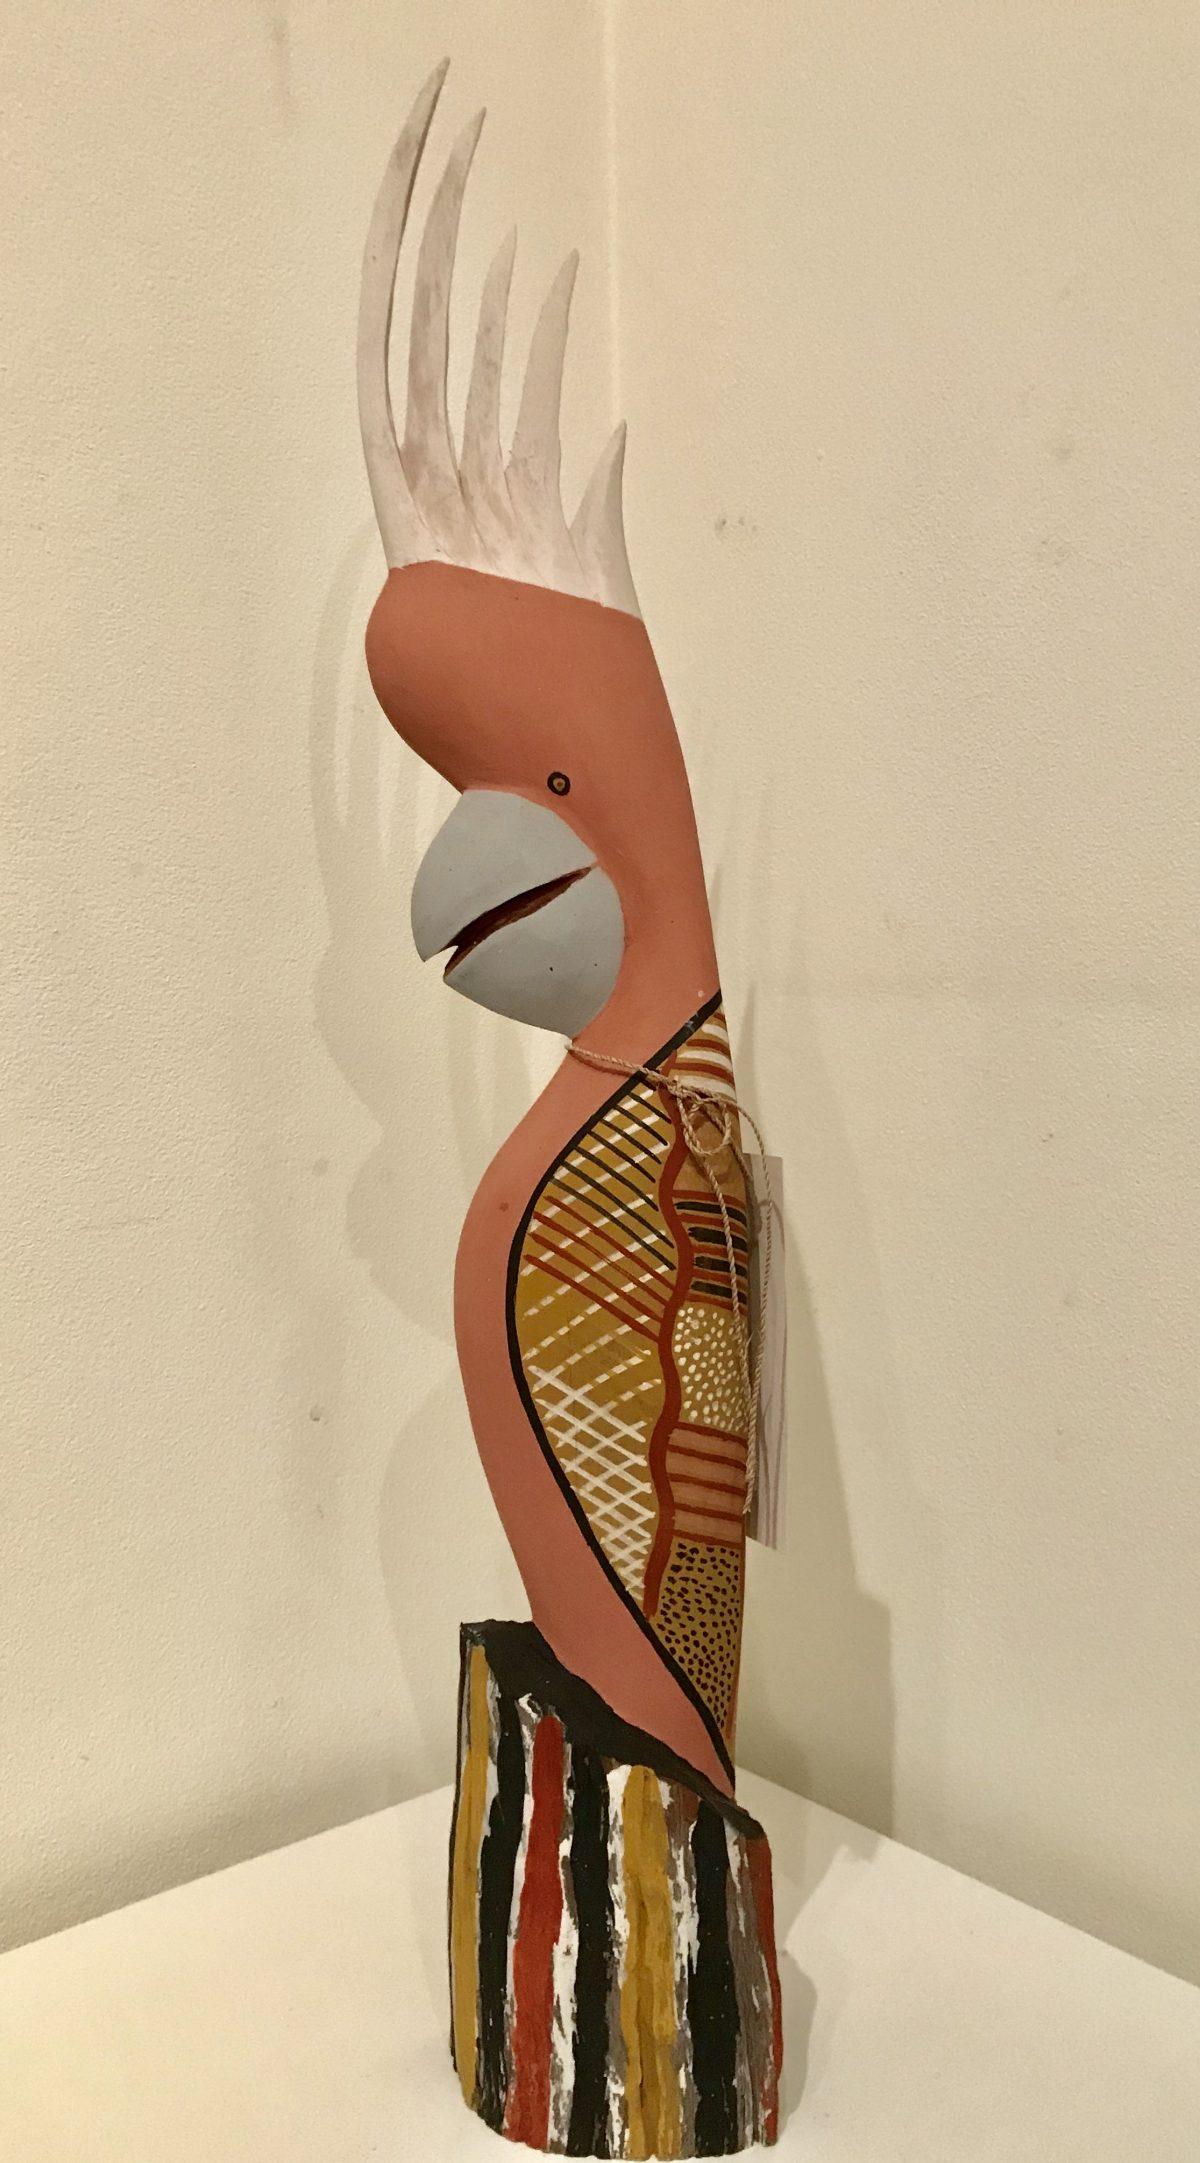 Art Atrium Tiwi Design Cockatoo